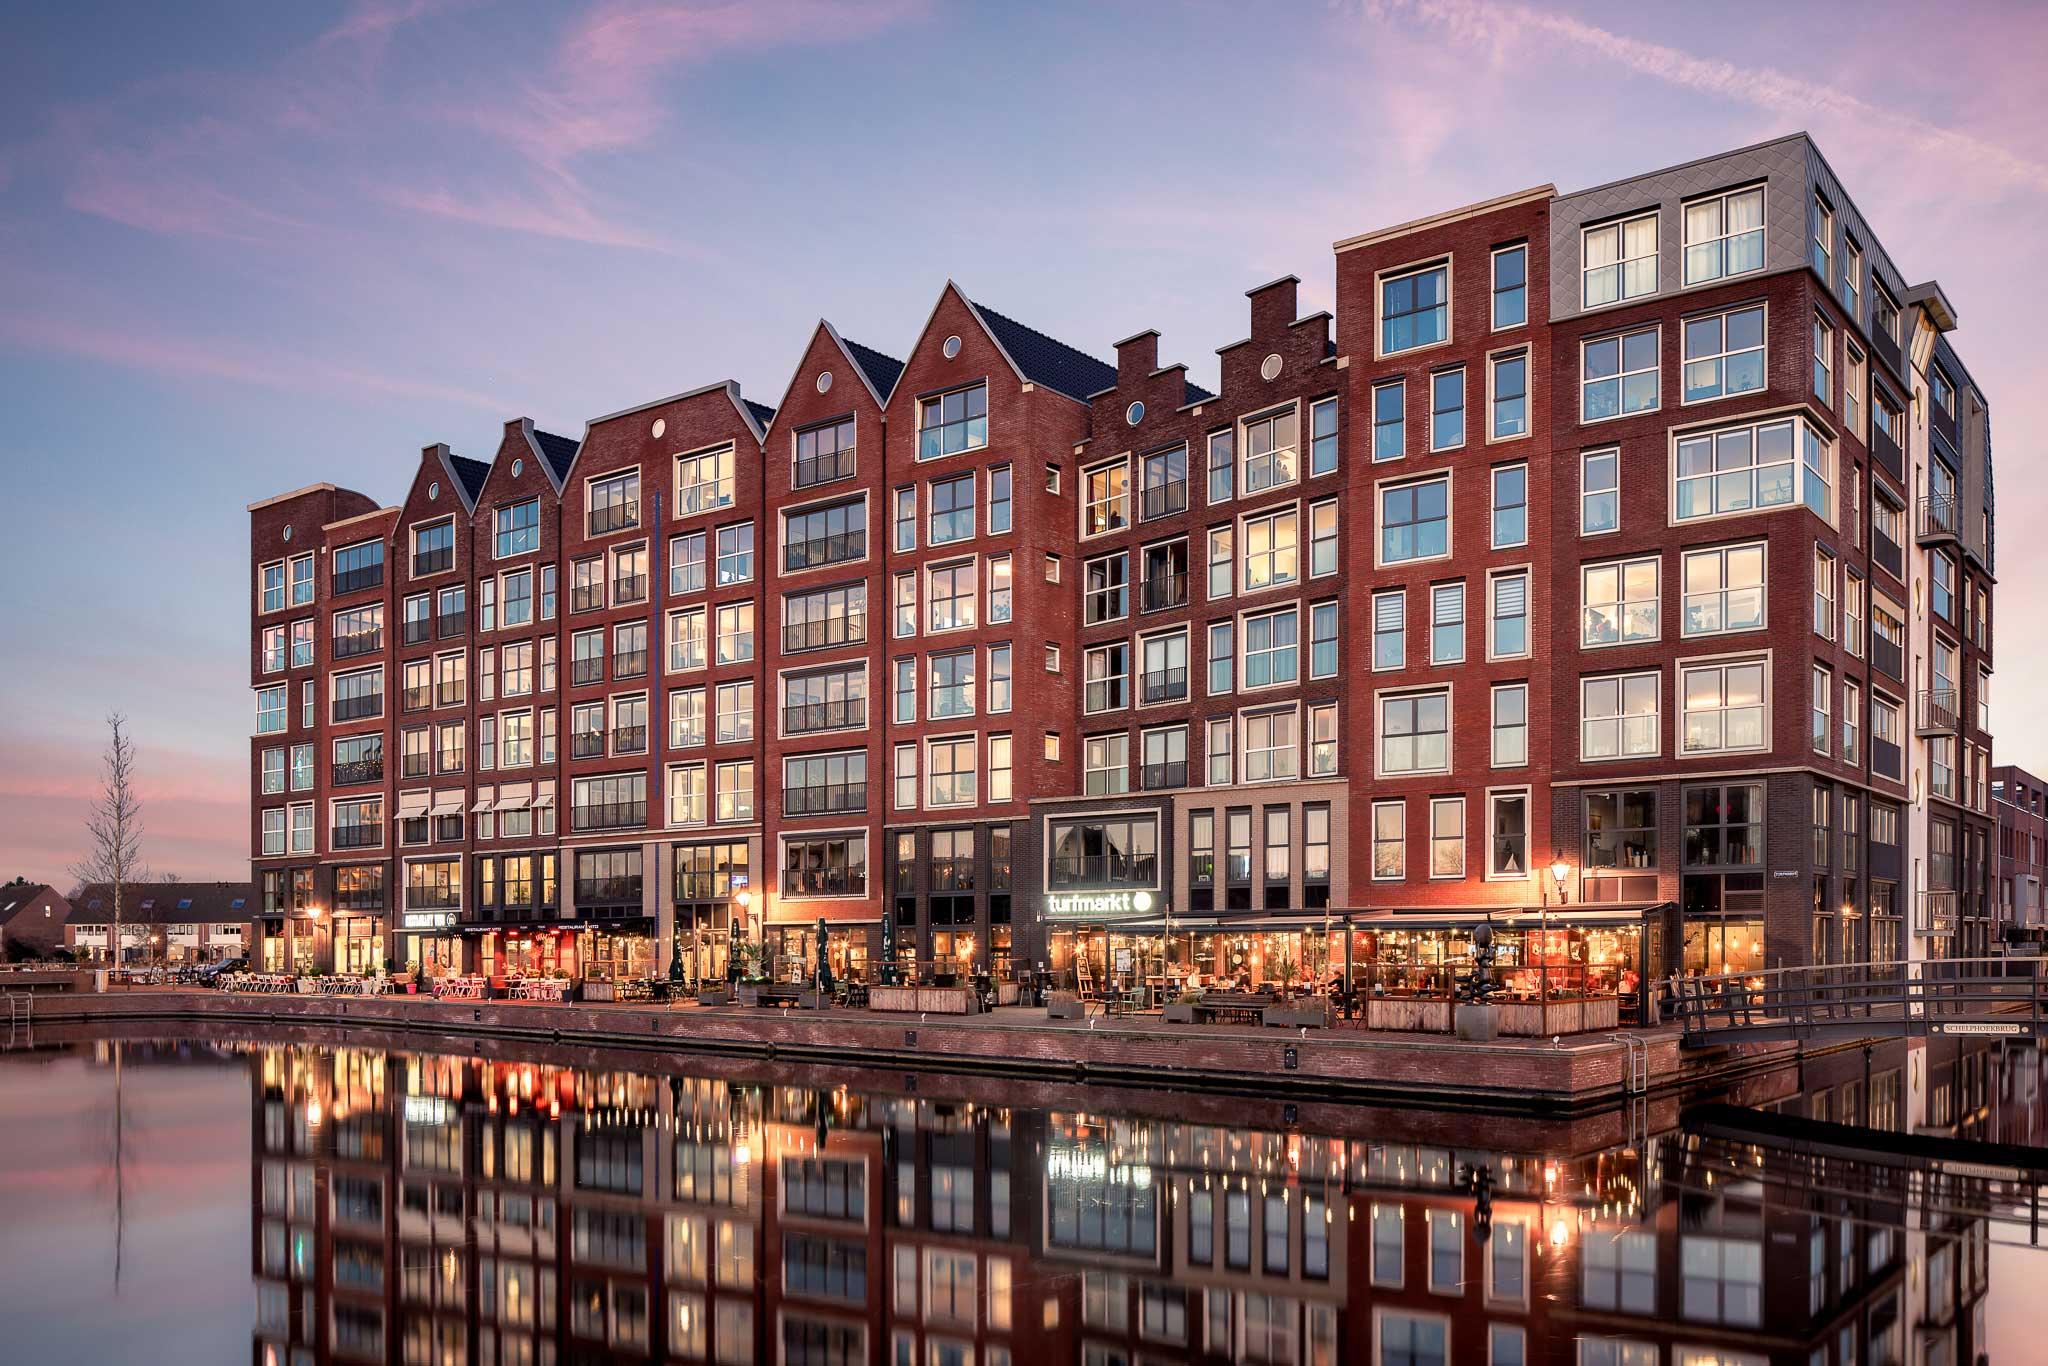 Turfmarkt Alkmaar gefotografeerd met een roze blauwe lucht en reflectie in het water